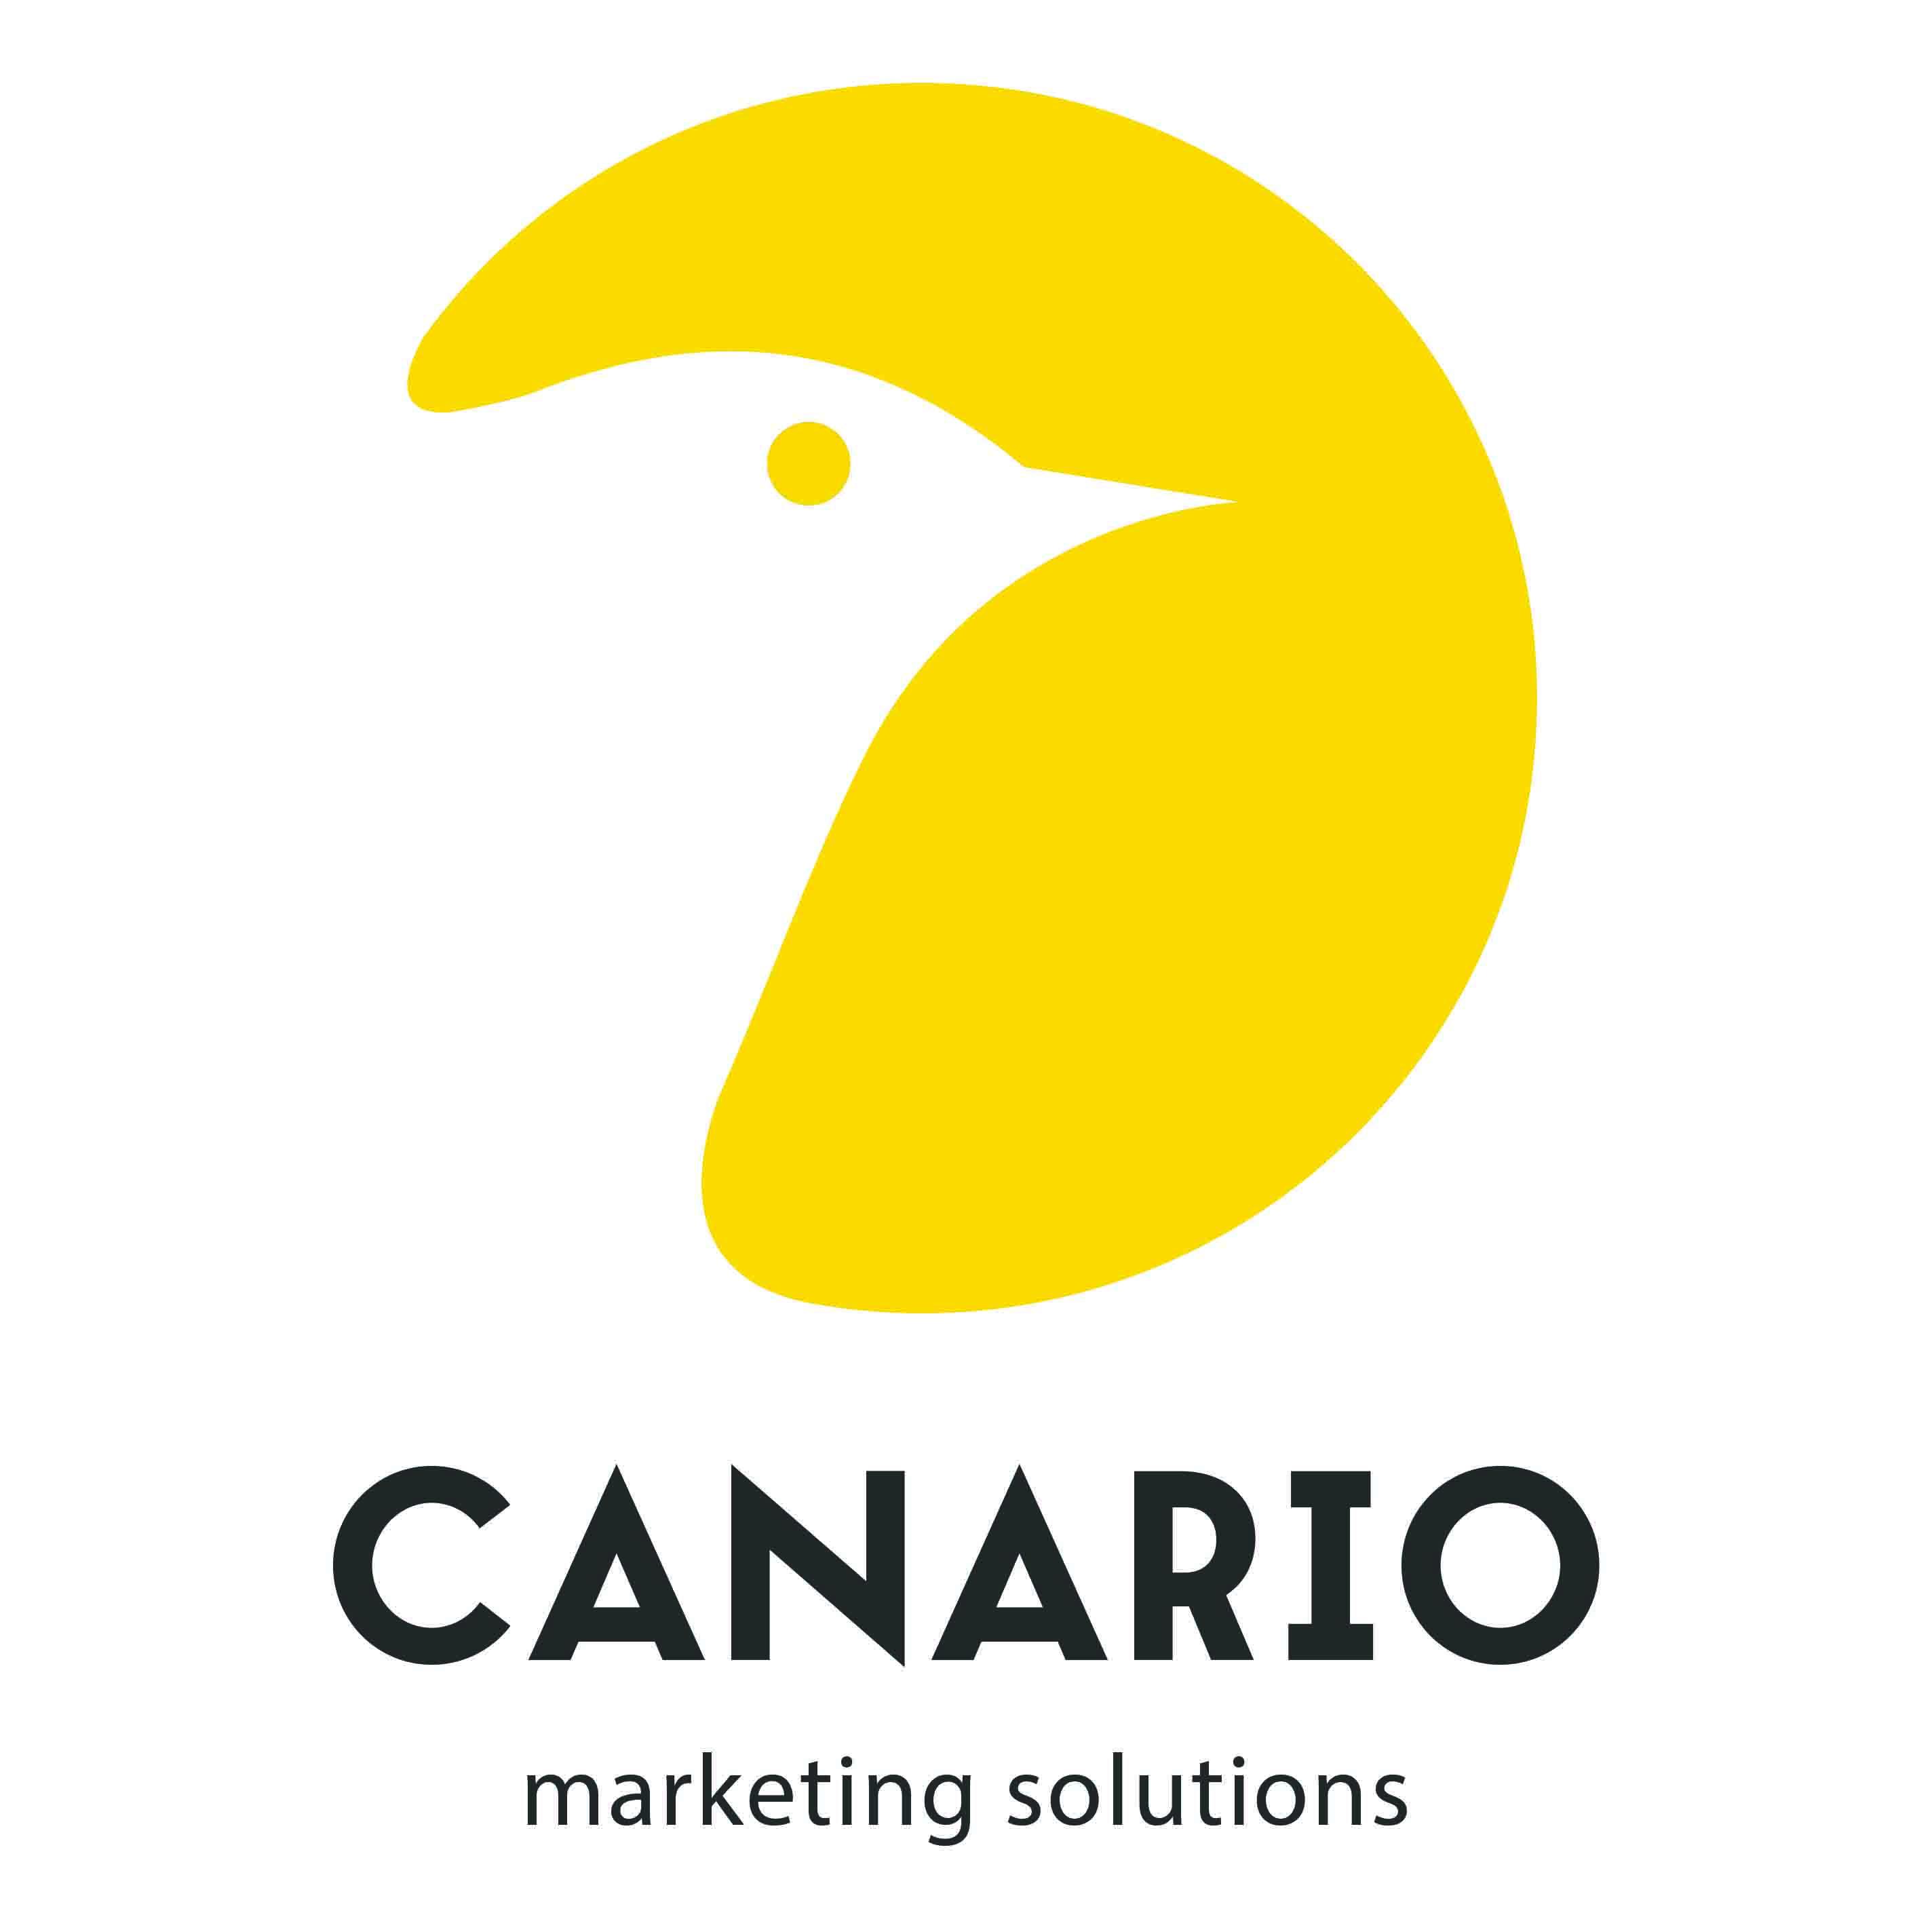 Canario Marketing